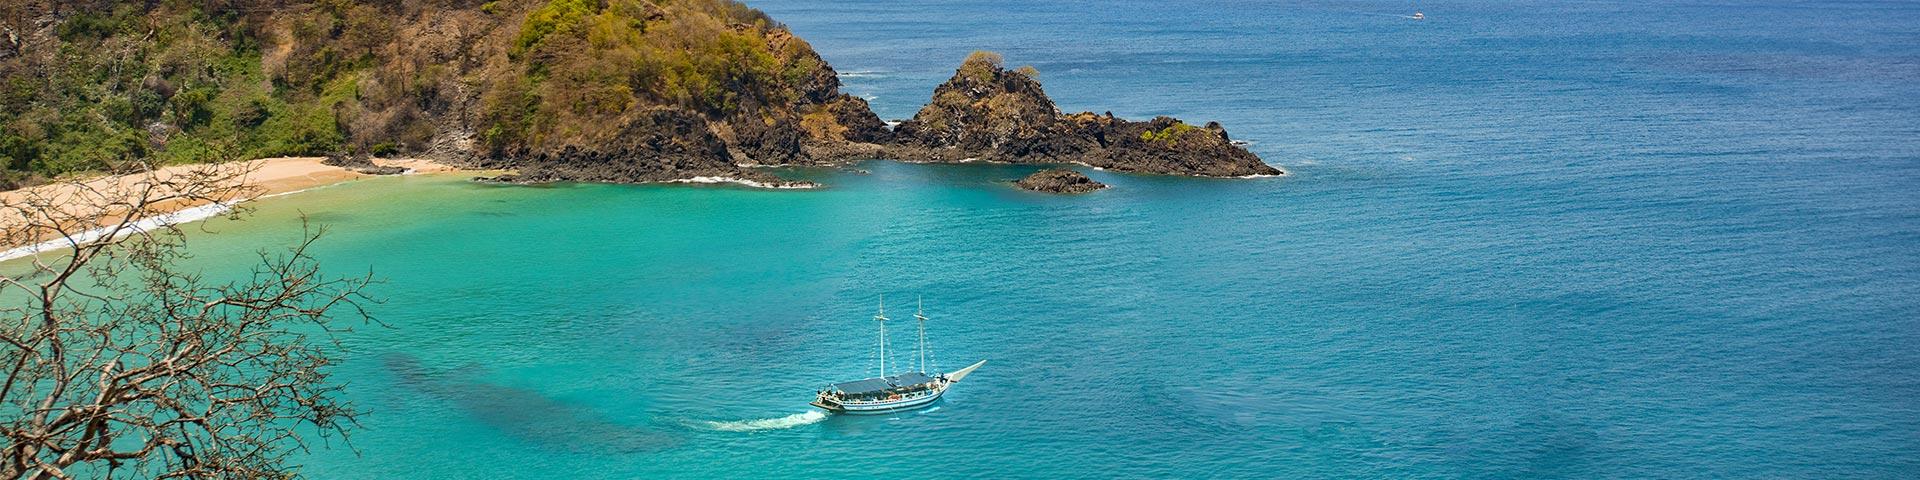 passeios-de-barco-Bonitour-Passeios-em-Fernando-Noronha-525708_6226.jpg